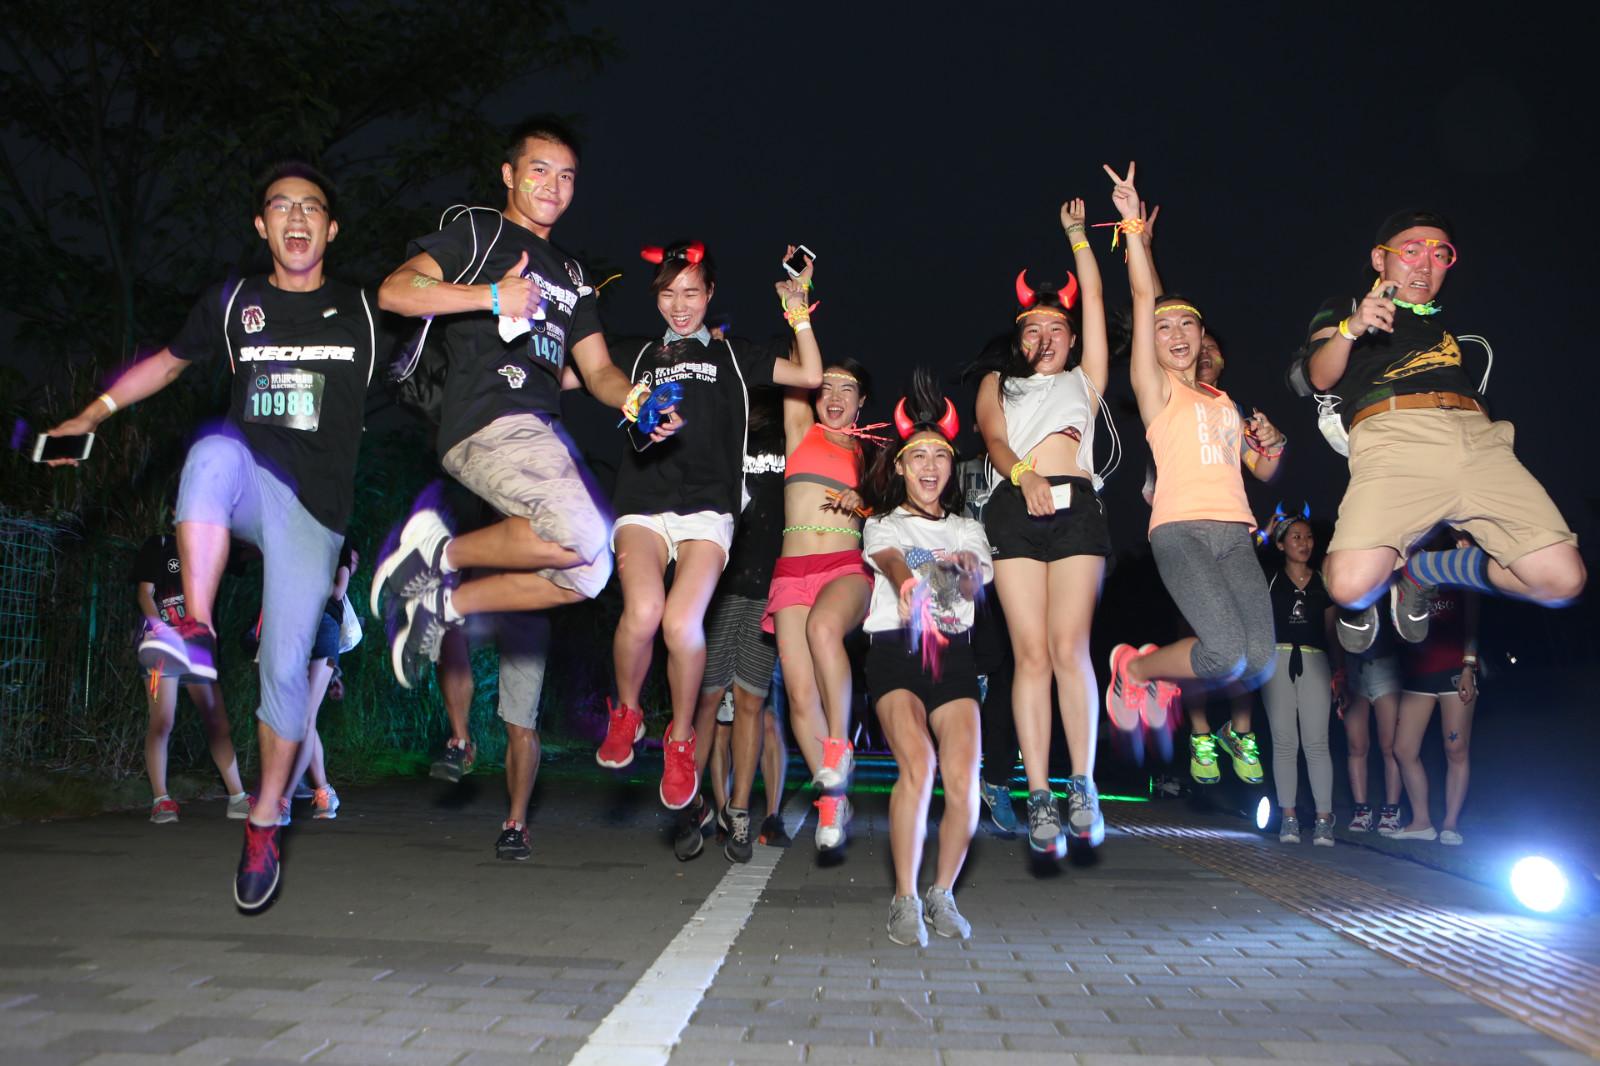 社区健身爱好者在跑道上欢呼、奔跑.jpg